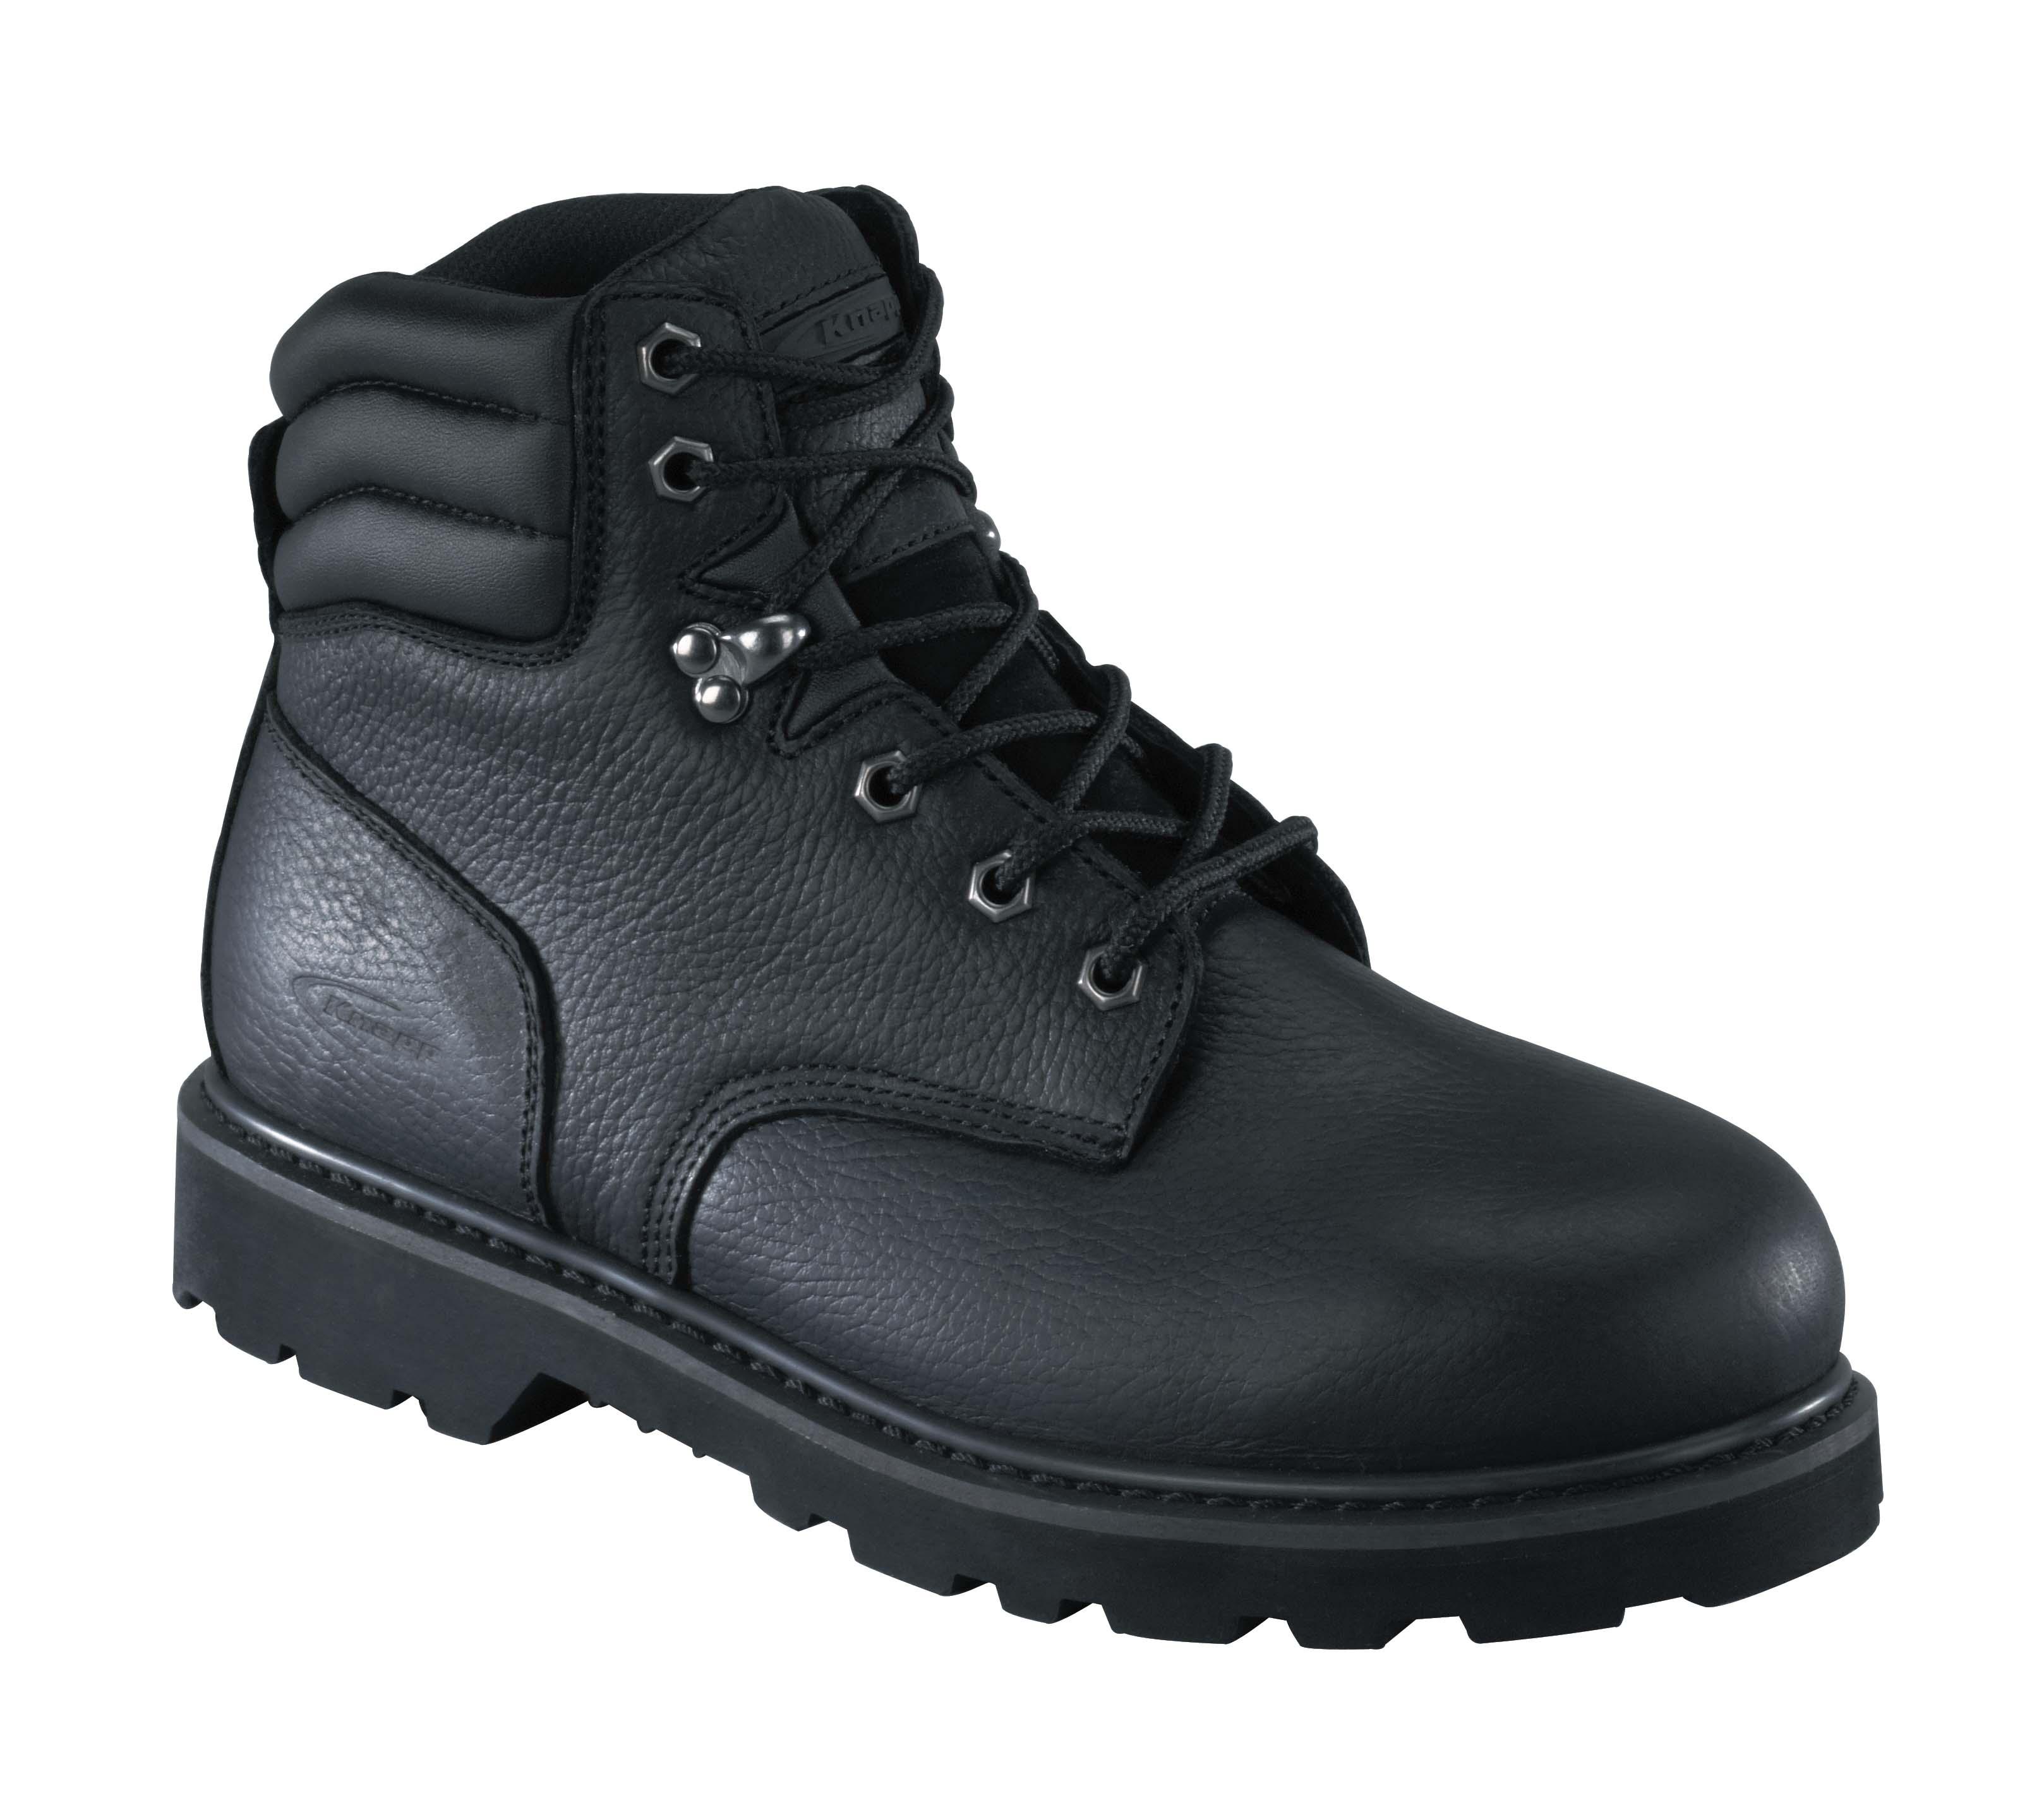 knapp mens black leather 6in work boots backhoe steel toe